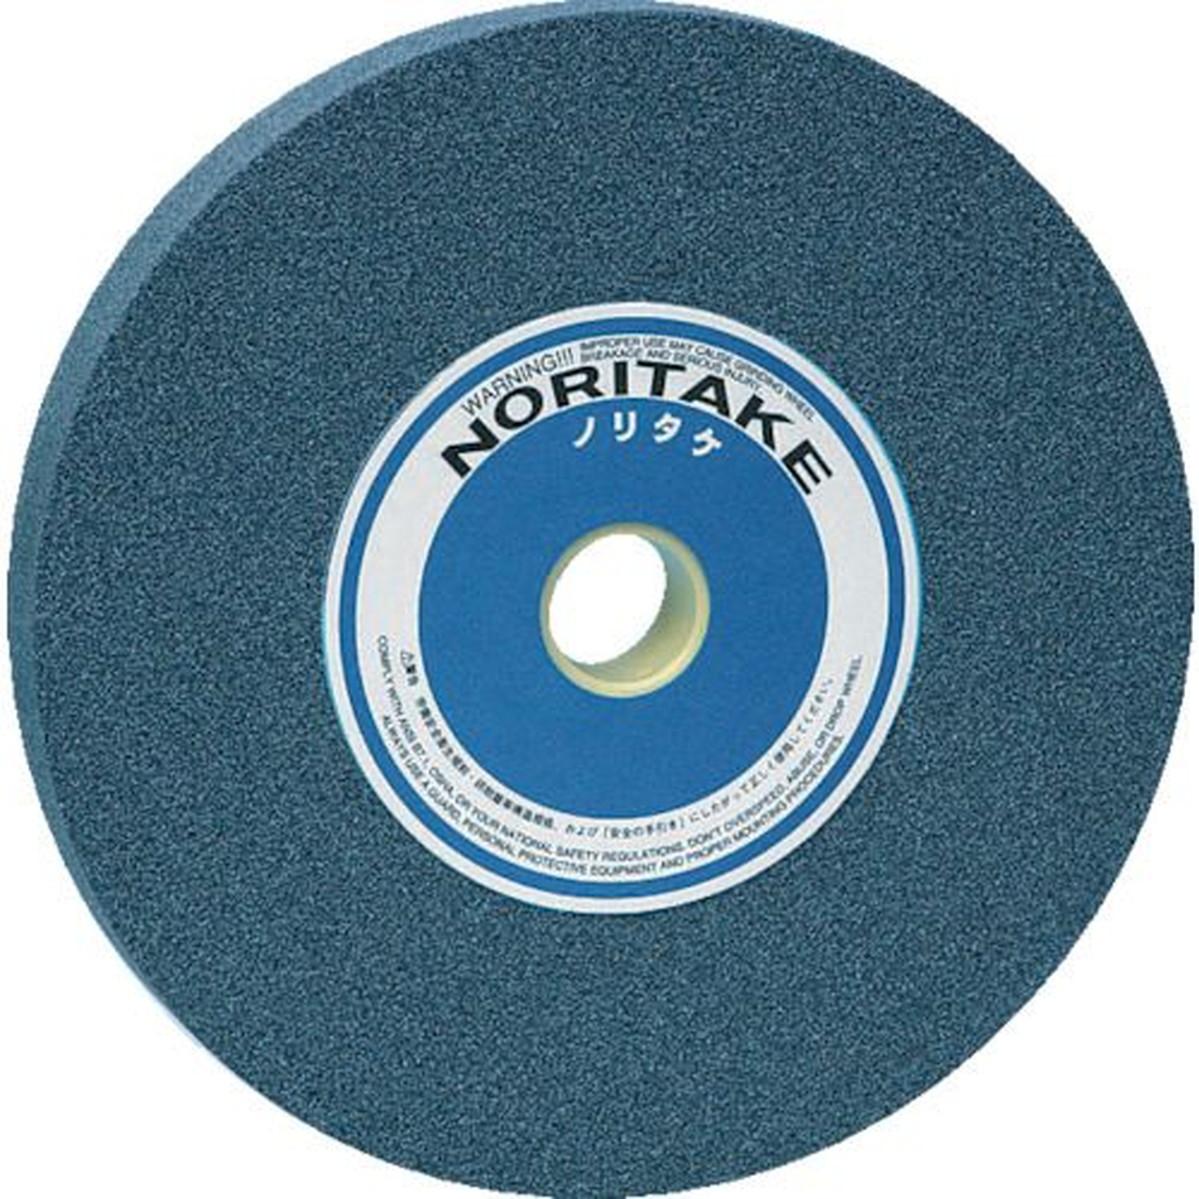 あす楽対応 卸売り DIY用品 ノリタケ 汎用研削砥石 お値打ち価格で 150X16X12.7 1枚 A46O濃青